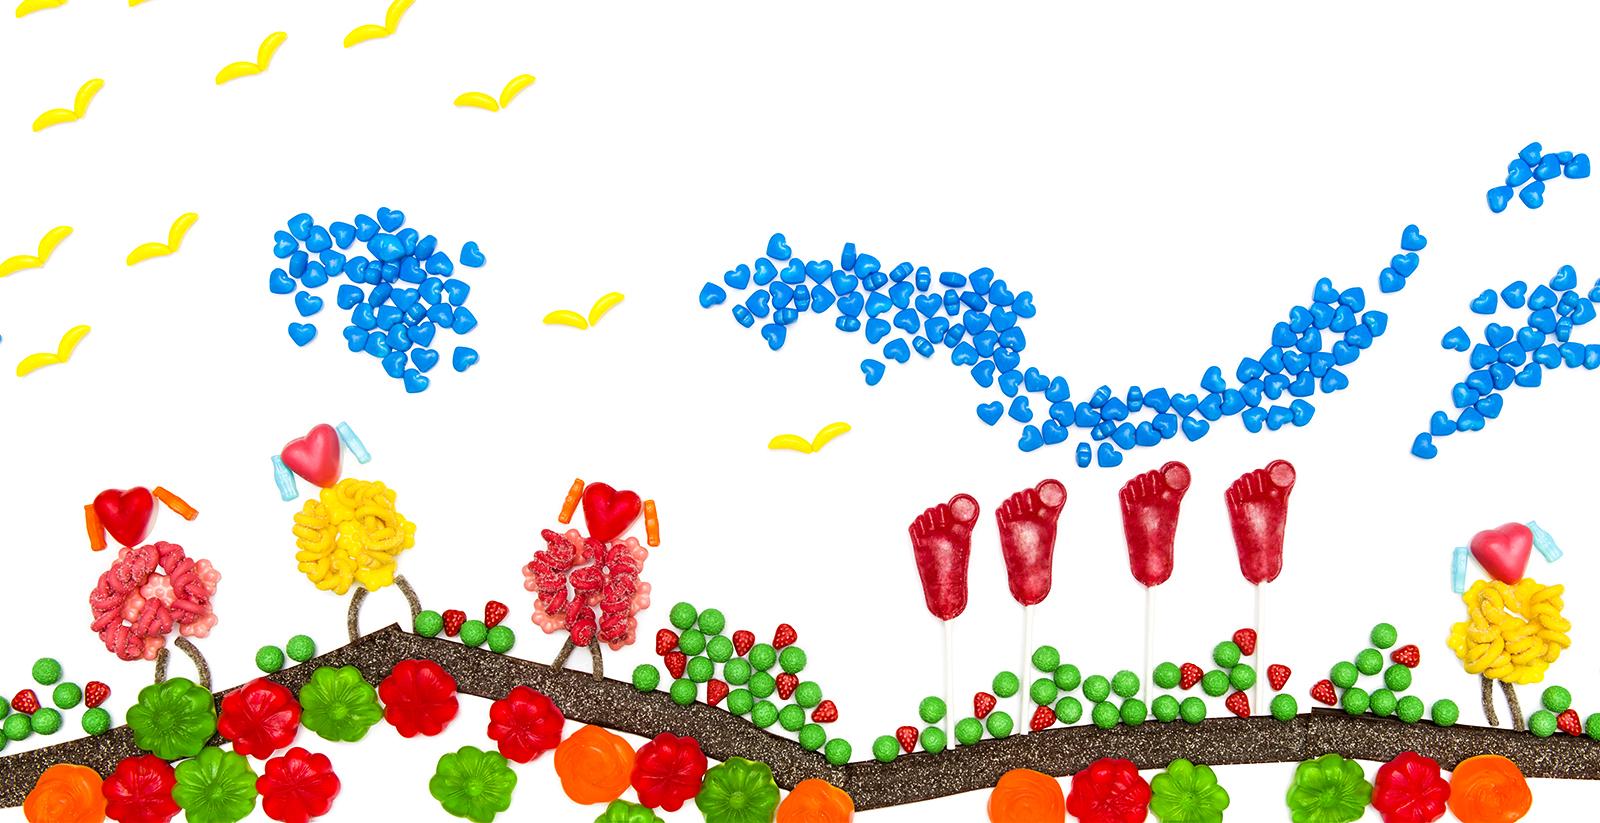 צילום מזון, בועז נובלמן לחברת הממתקים וקסמן